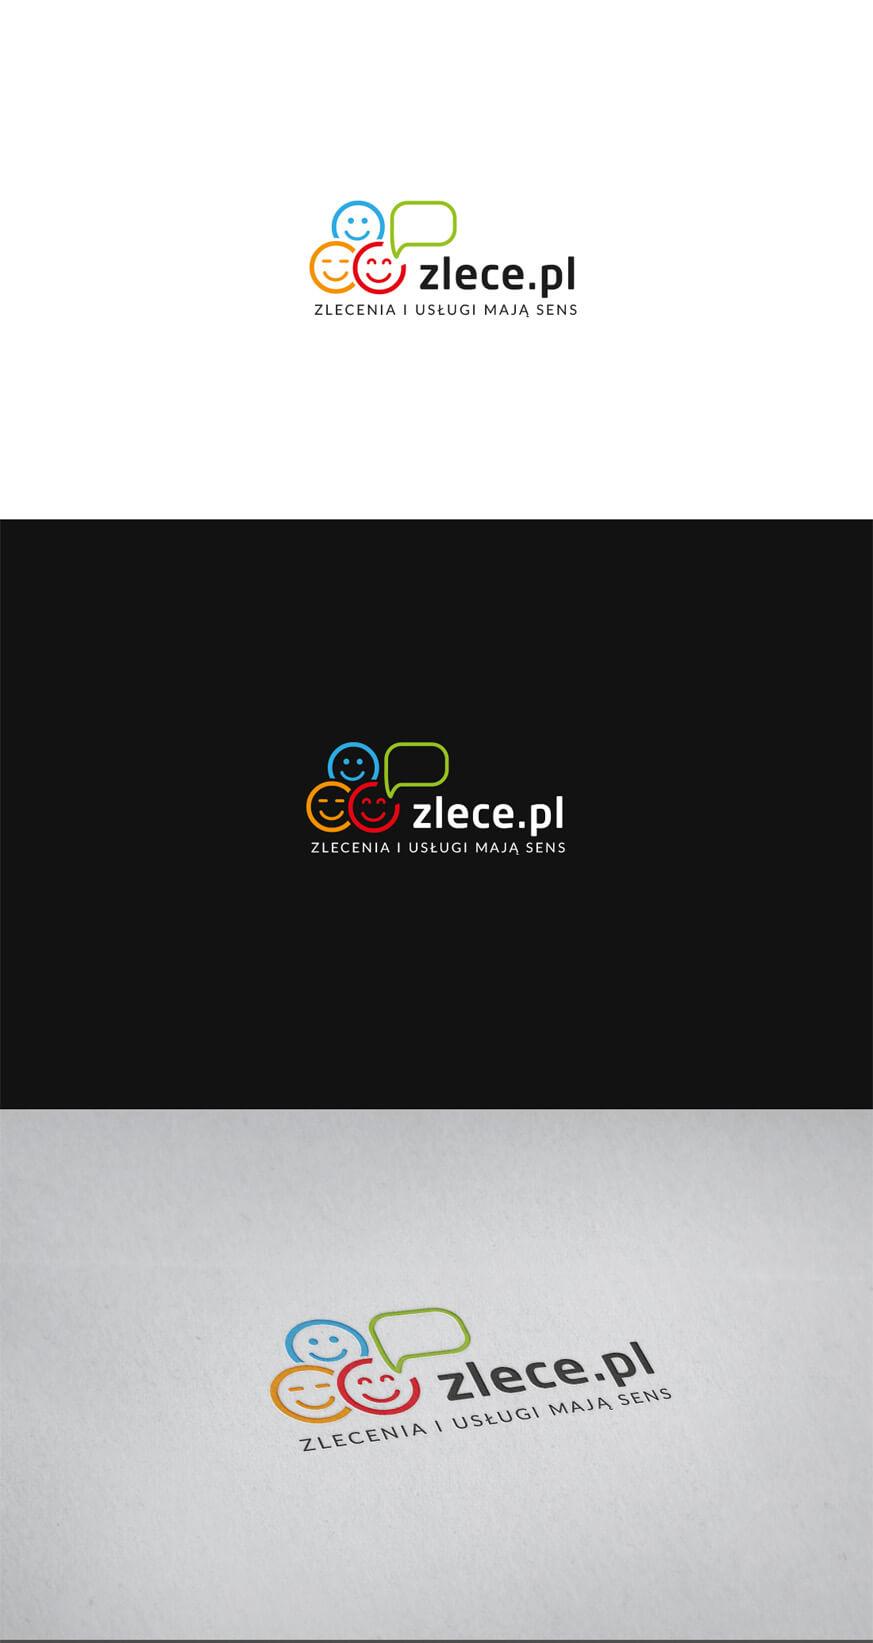 logo firmy dla zlece